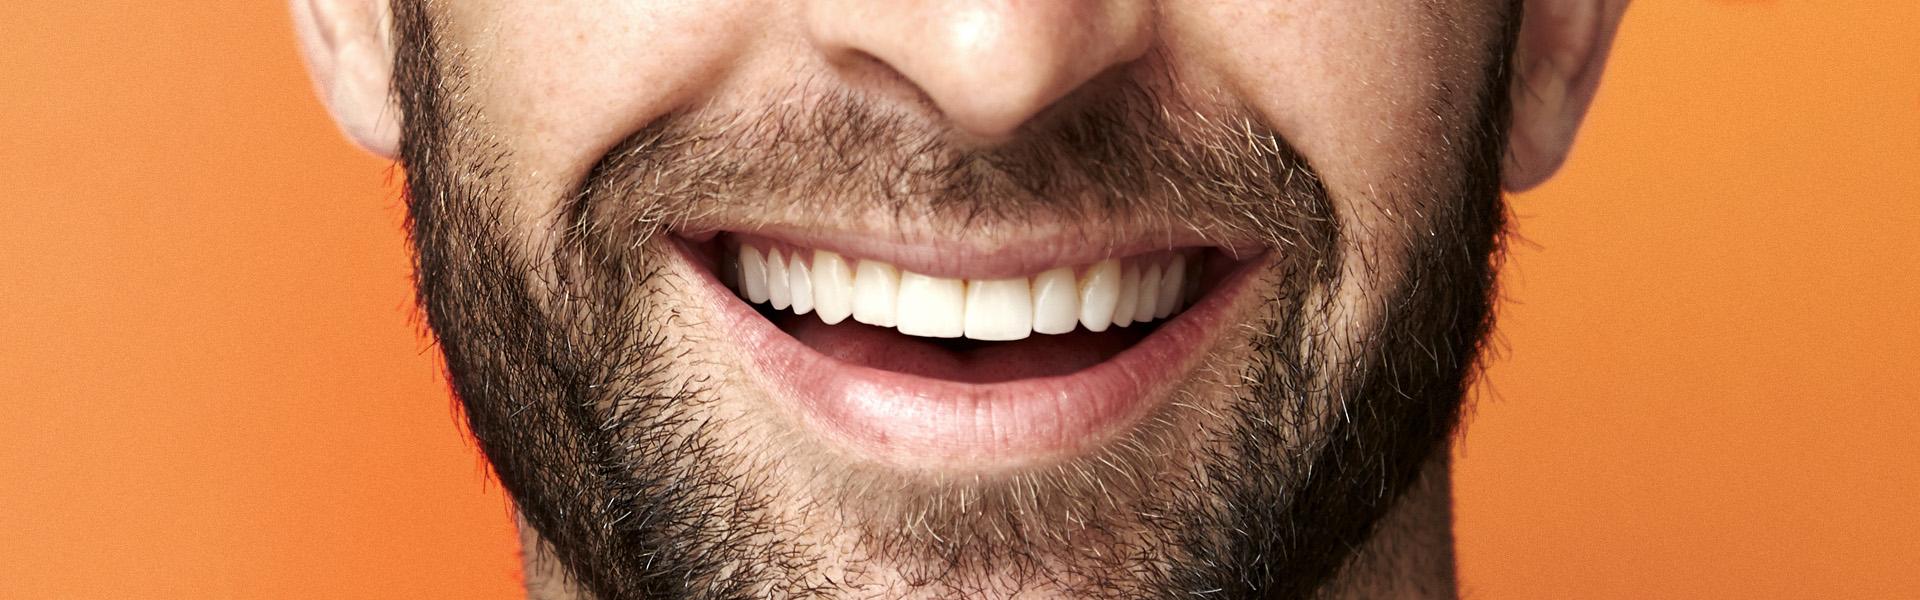 Sorriso smagliante di un giovane uomo dopo un trattamento presso i Centri Smile